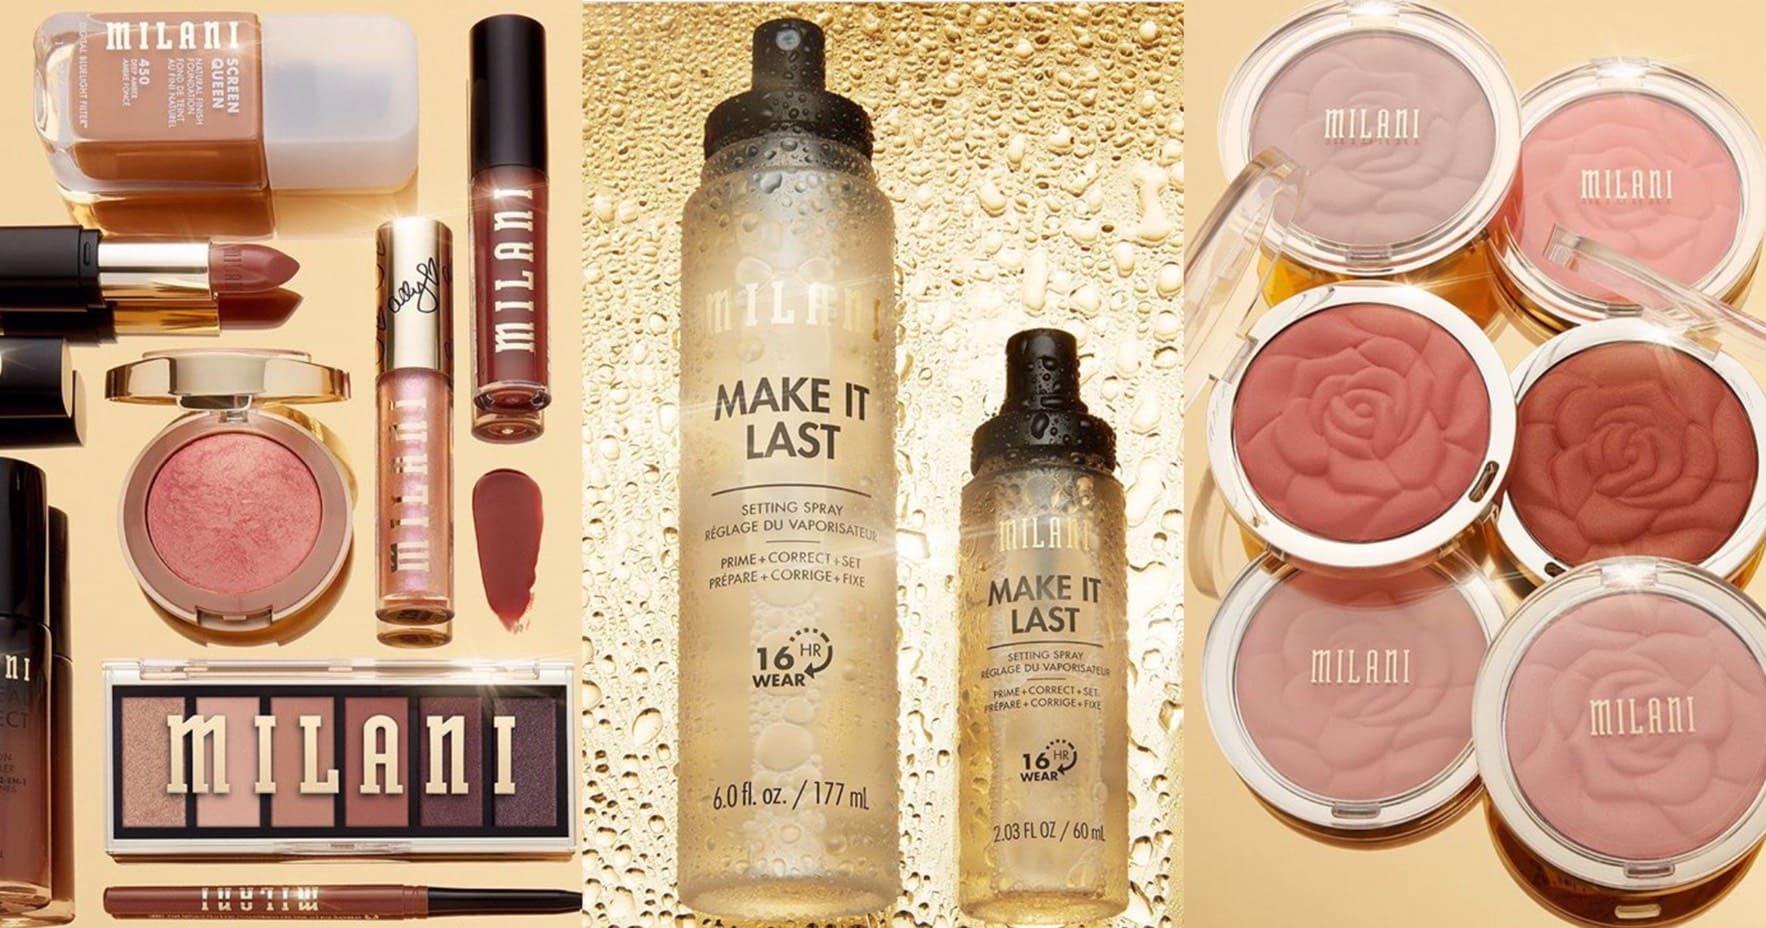 美國當紅中價彩妝品牌Milani正式登台,網友激推平價版M.A.C必買Top 5,公認CP值資優生